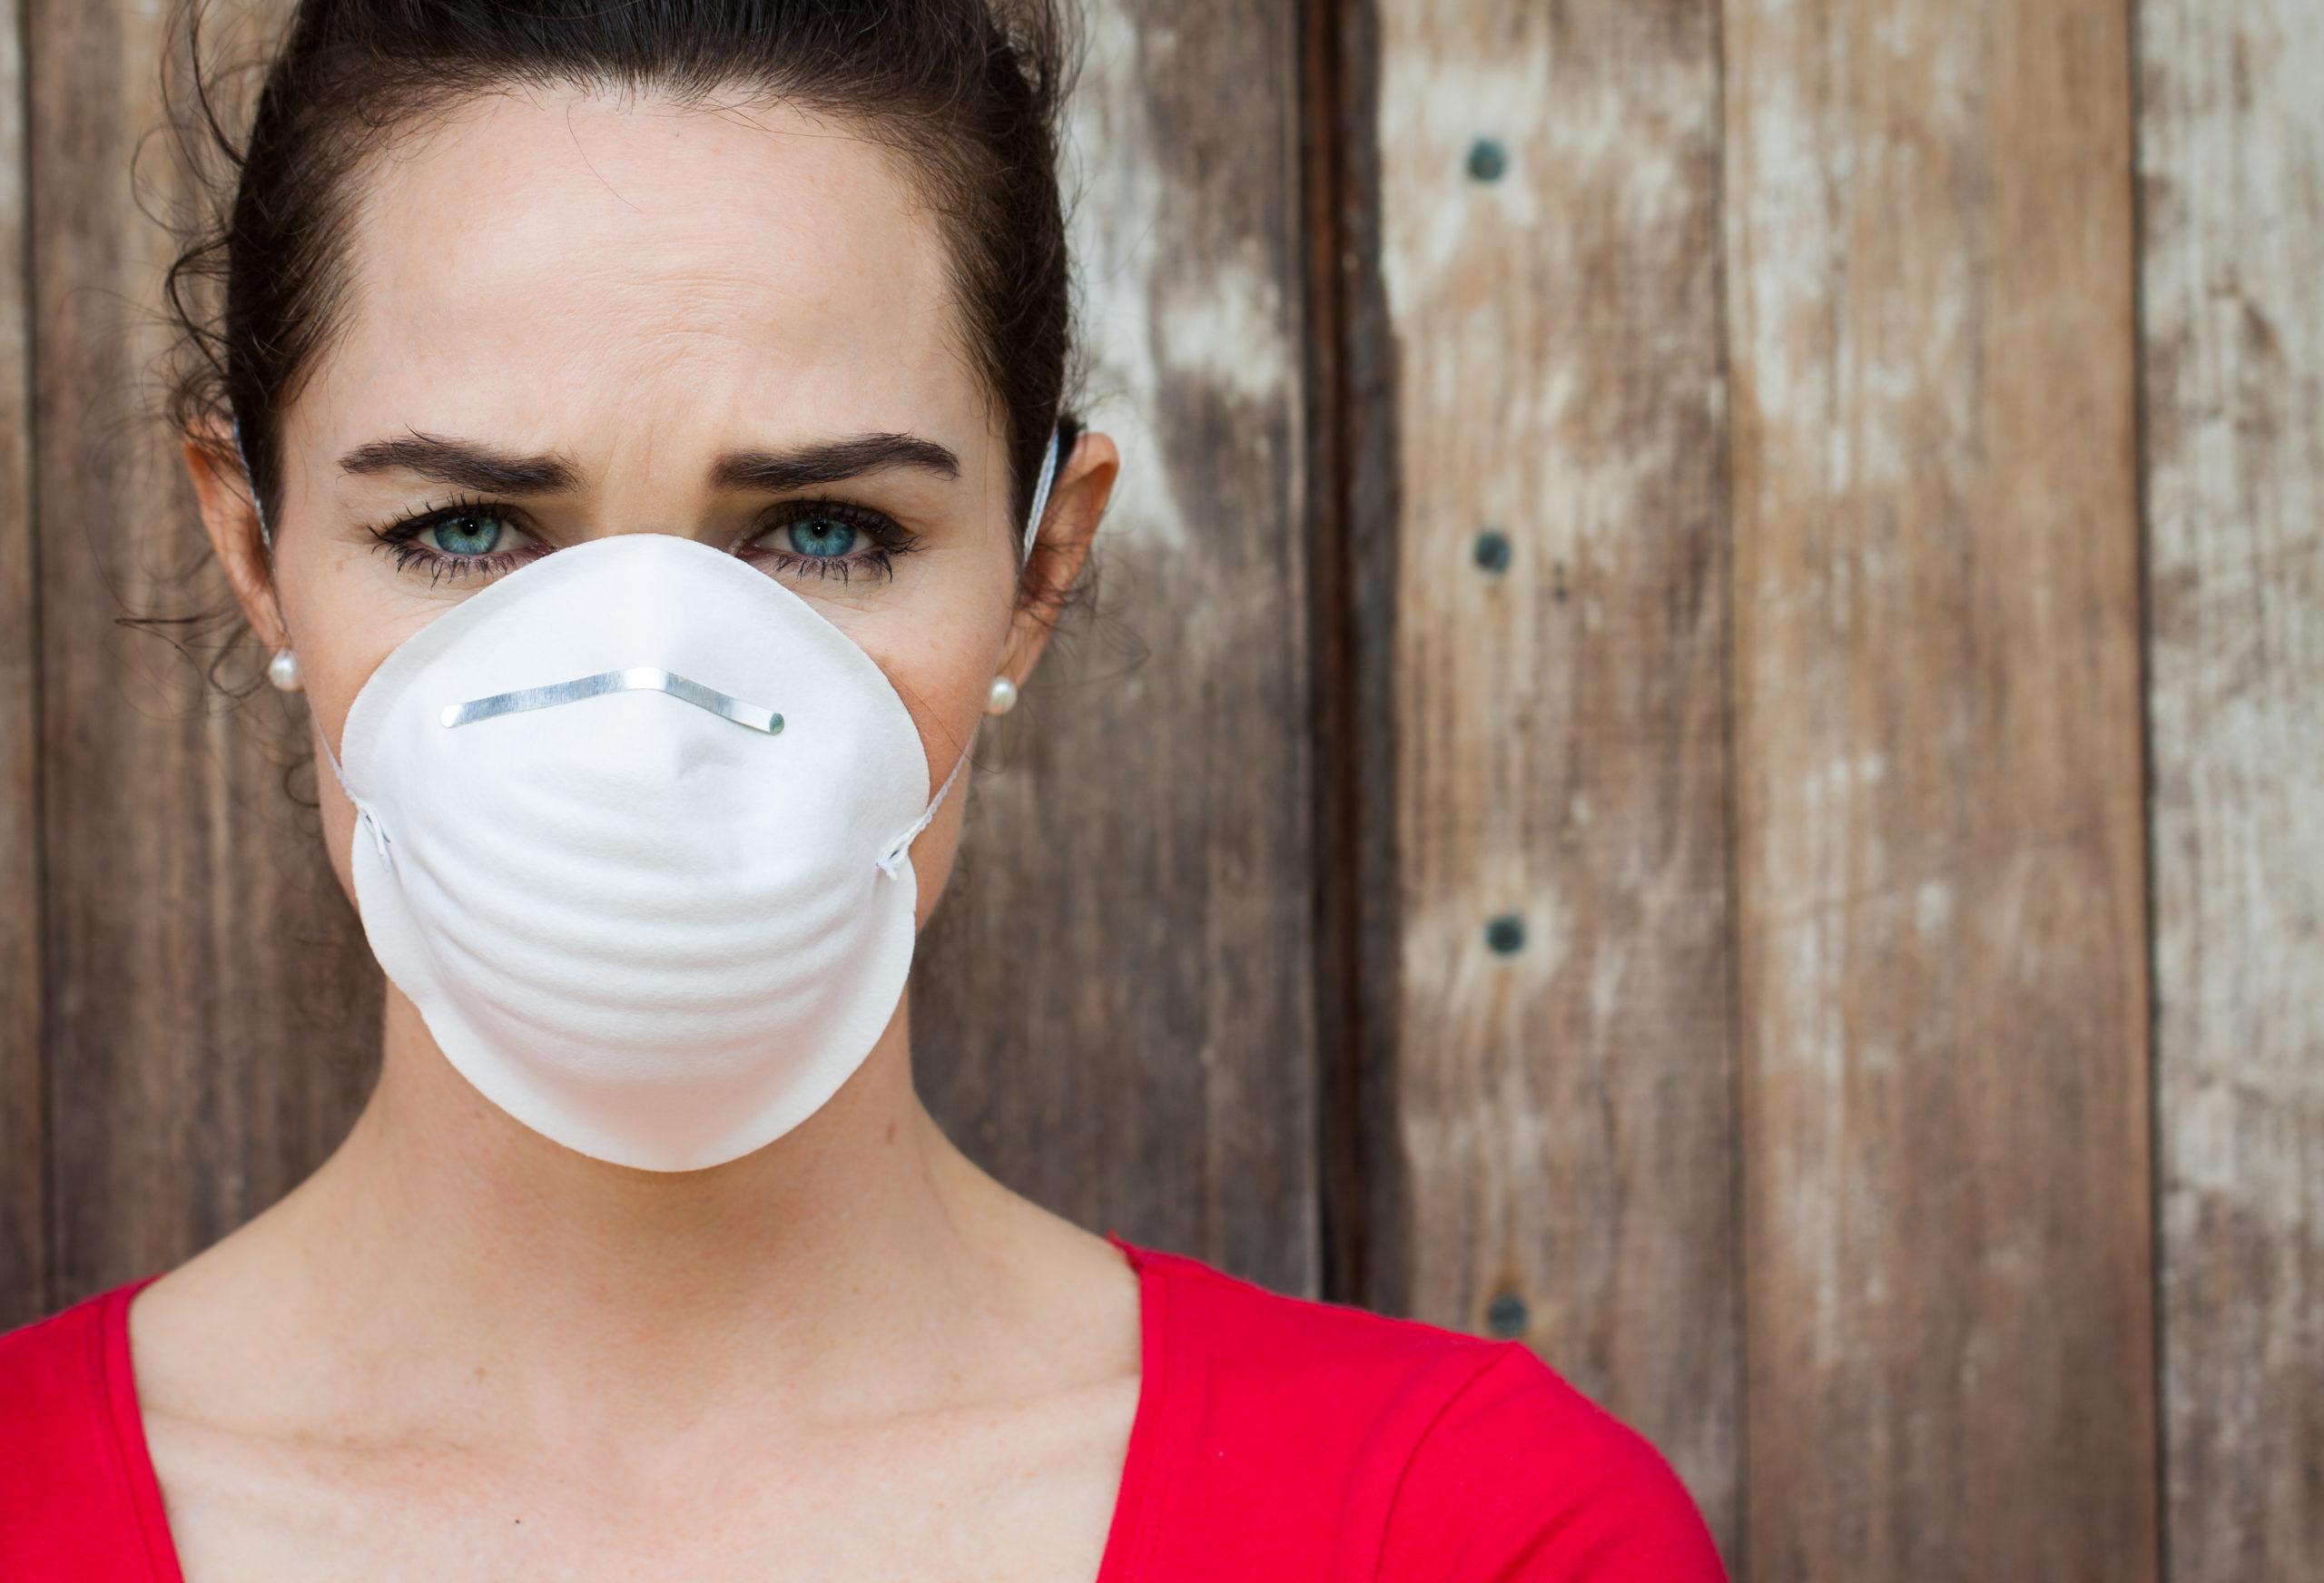 Frau mit Atemschutzmaske vor brauner Holzwand und rotem Top, sieht etwas traurig aus